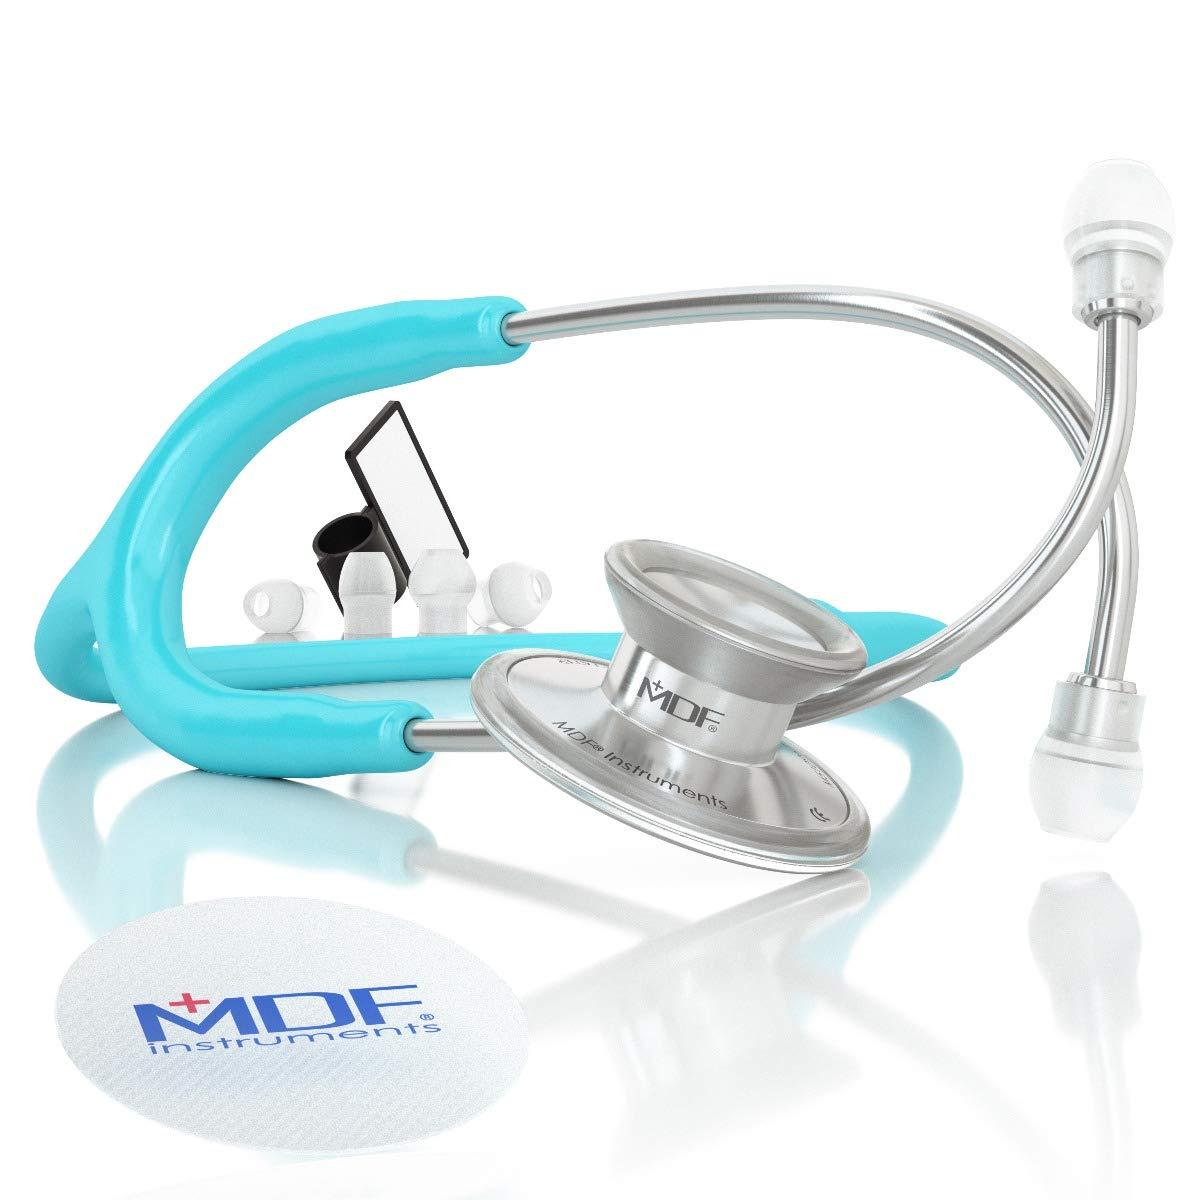 MDF Instruments Acoustica Deluxe MDF747XP03, Estetoscopio ligero de doble cabeza, Azul pastel (Pastel Blue)